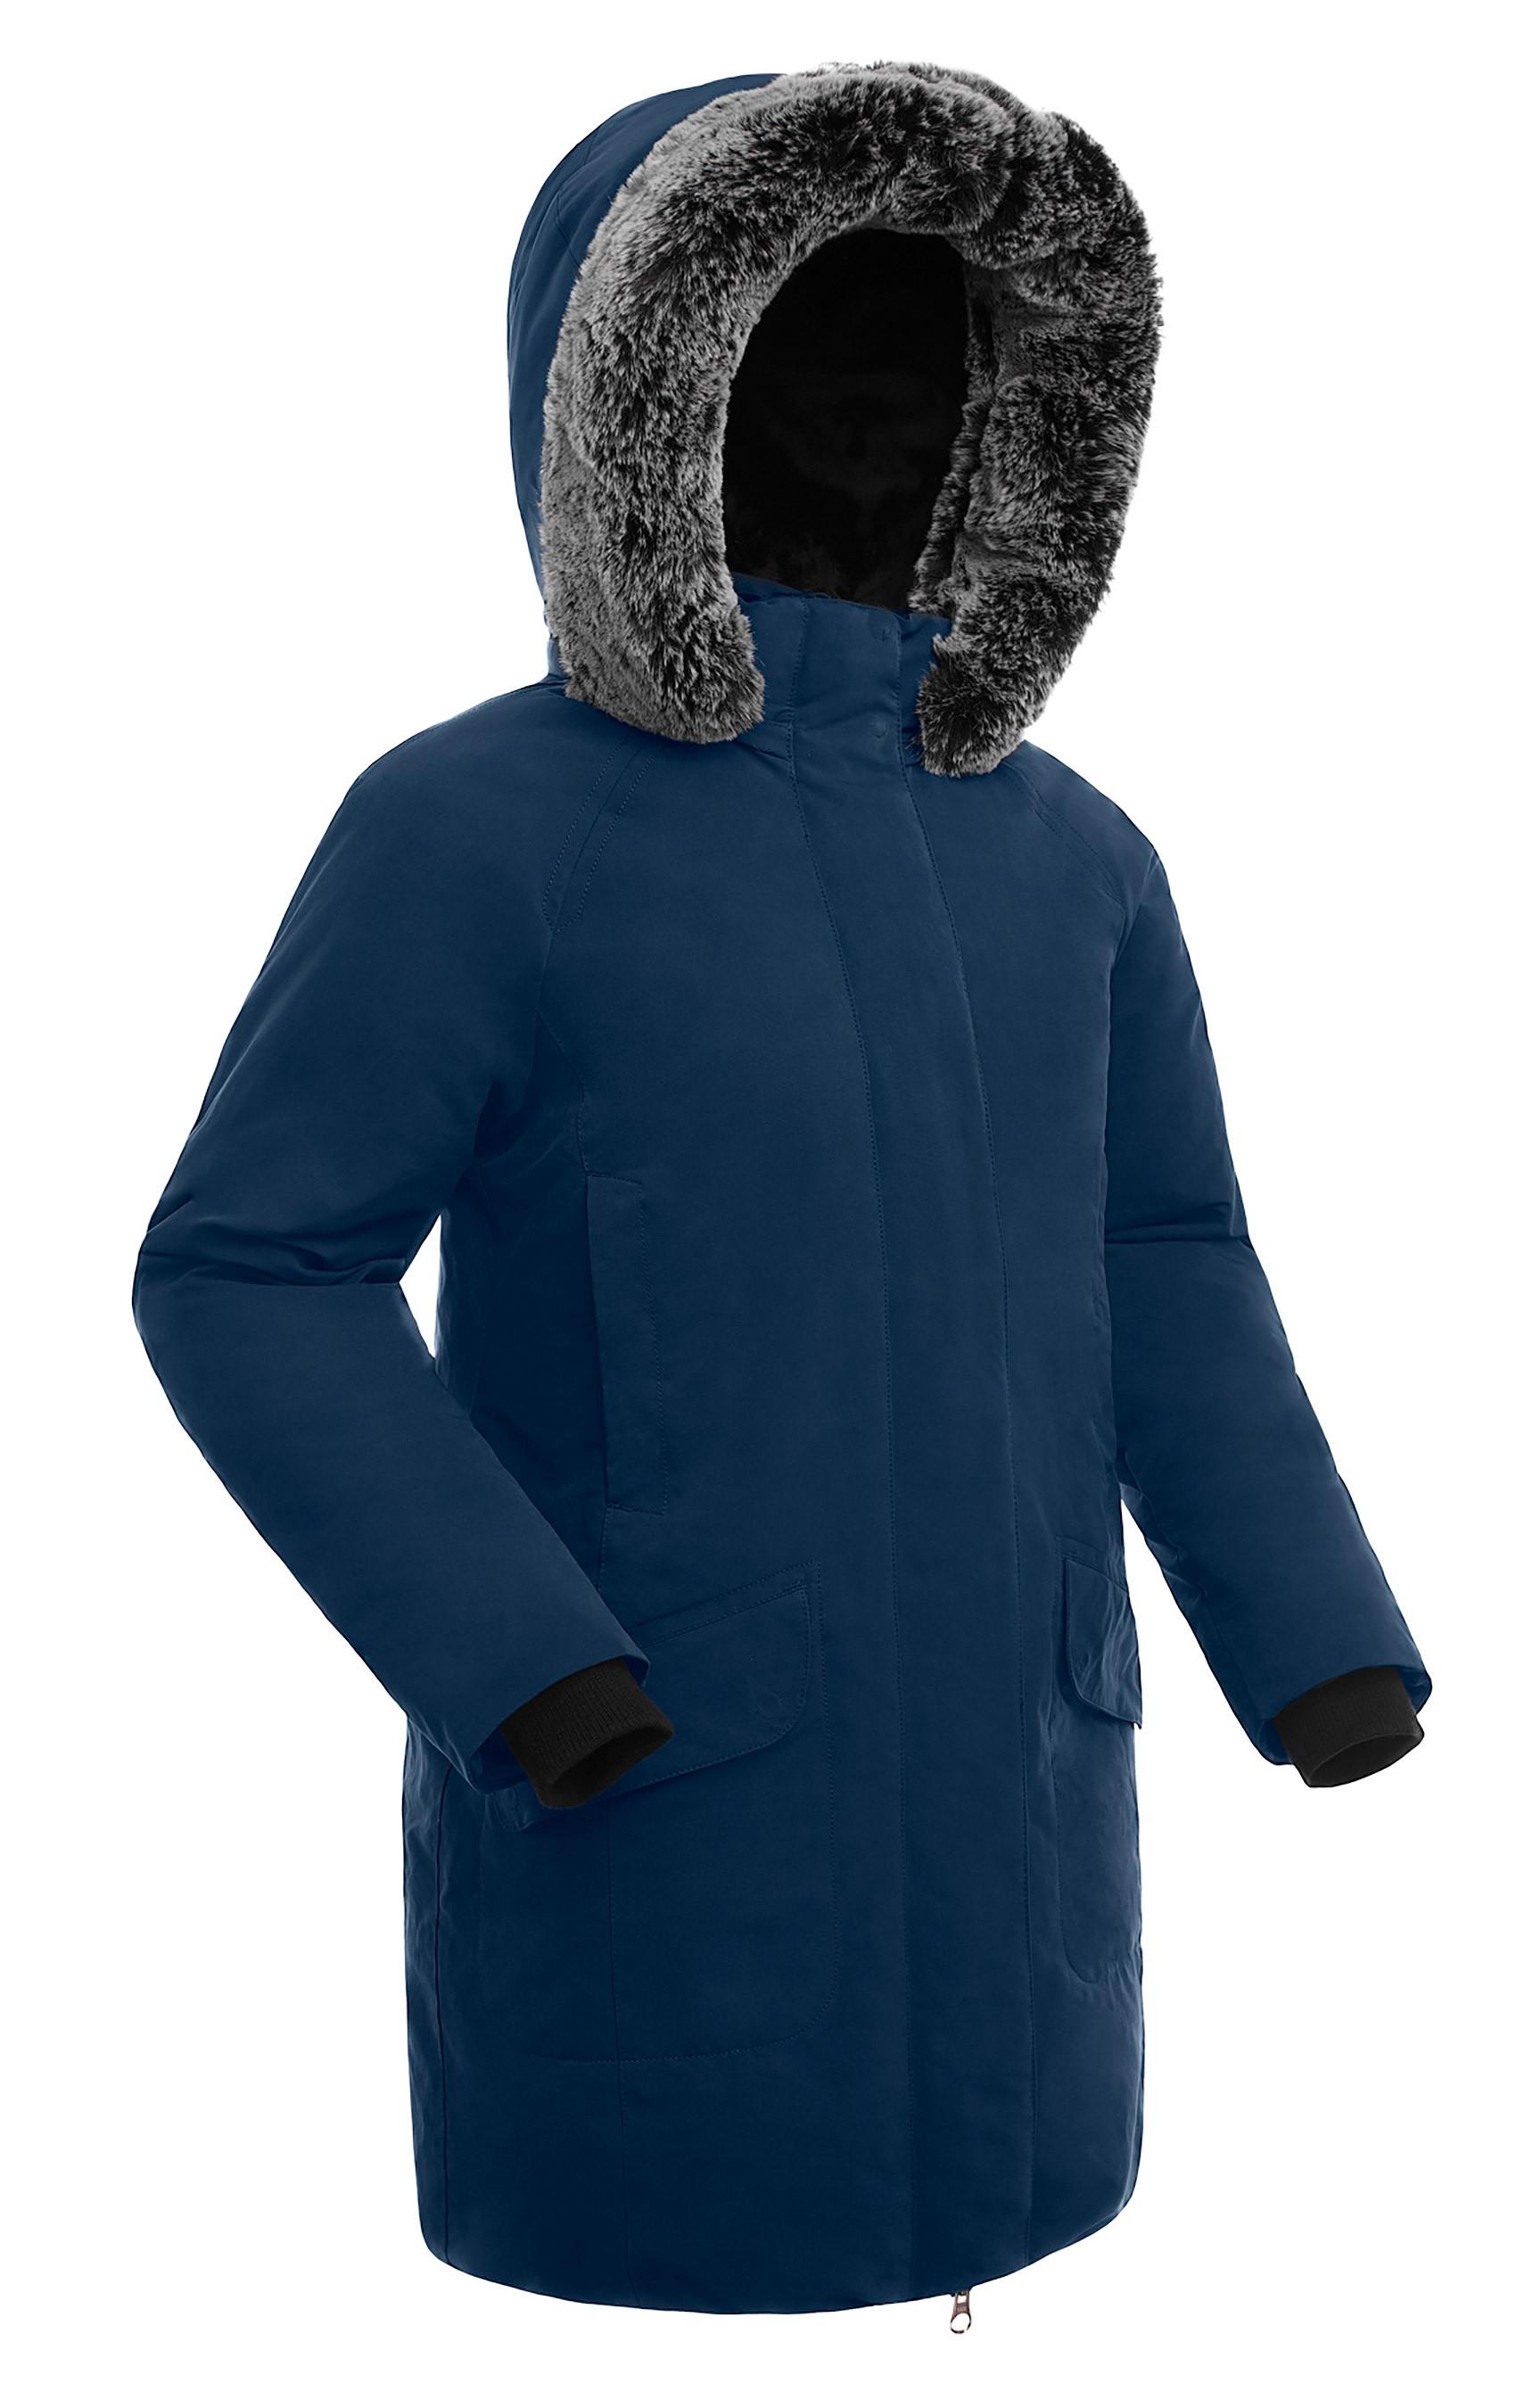 c0cbe7a3ef7d Куртка пуховая женская BASK ISIDA темно-синяя, производитель ...